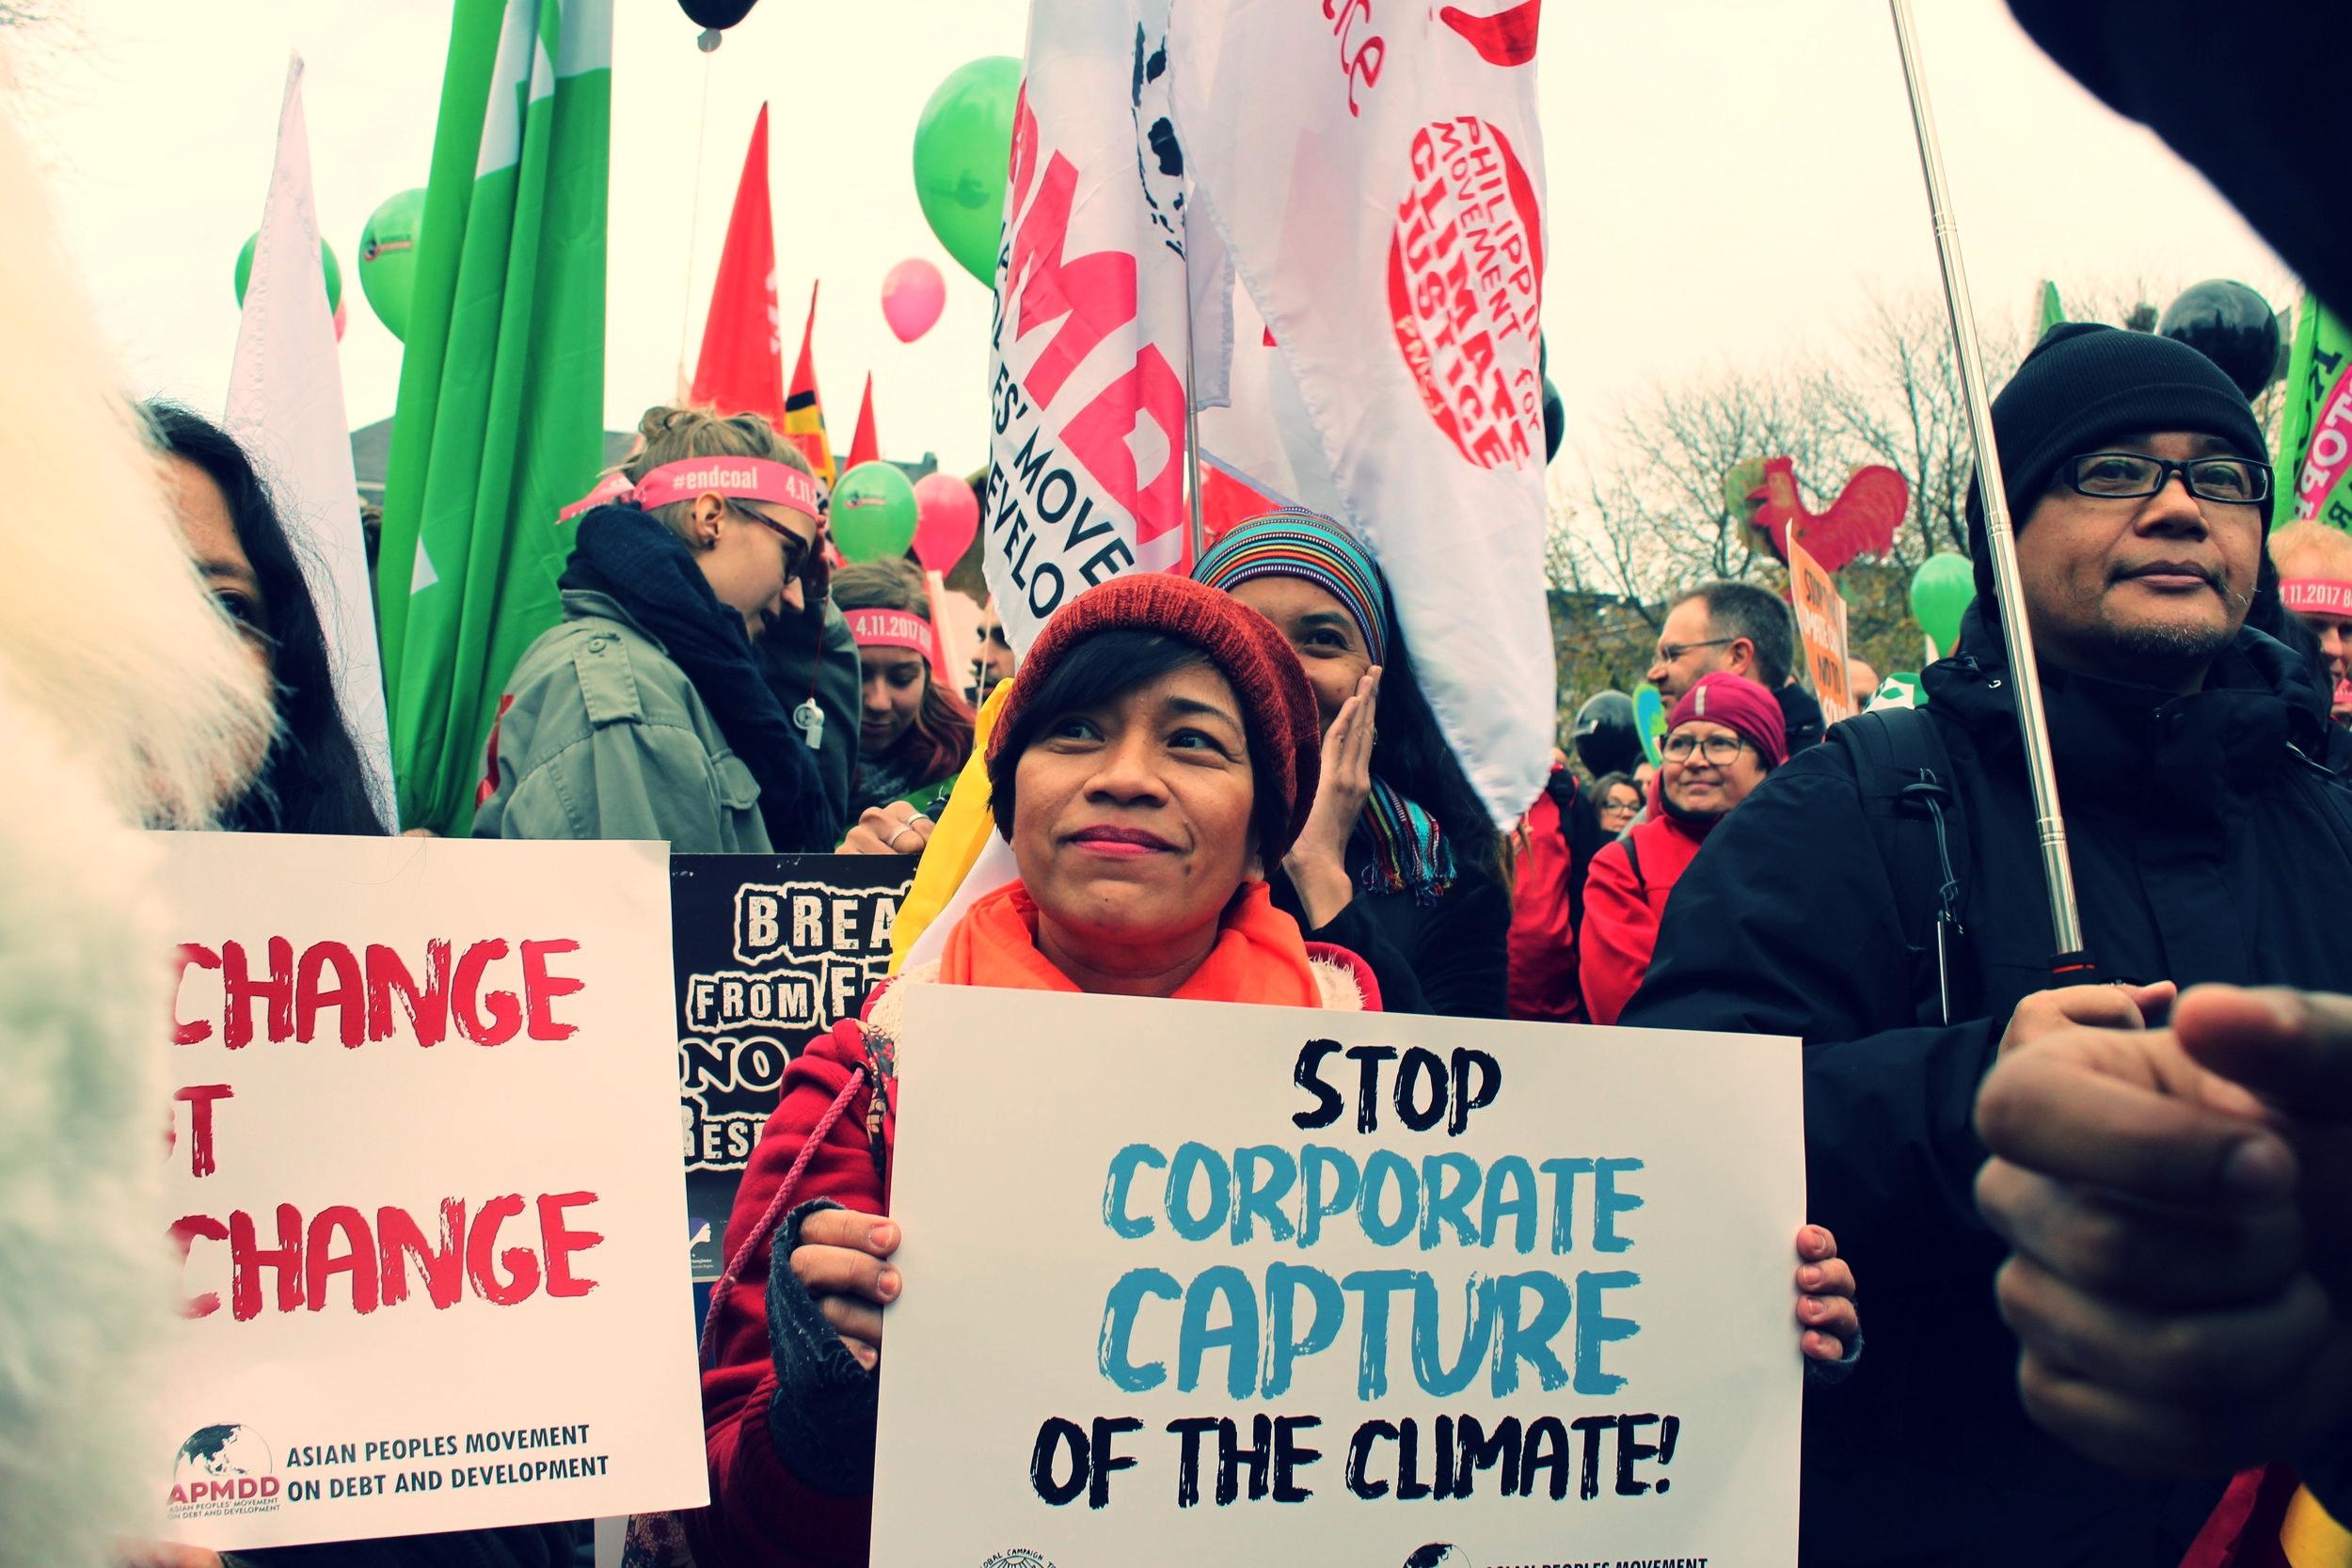 Pongan fin a la interferencia y el control de las corporaciones en las conversaciones climáticas - 1. Que avancen una política de conflicto de interés que proteja la implementación del Acuerdo de París y la política climática global de la obstaculización de los Grandes Contaminadores, y obligue a los gobiernos a tomar medidas a nivel nacional.2. Que prohíban que las industrias que se benefician de los combustibles fósiles y de la crisis climática tengan influencia en los foros de política climática nacionales e internacionales.3. Que rechacen cualquier intento de las corporaciones y de sus representantes de insertarse en las negociaciones.4. Que avancen un llamado para responsabilizar a las corporaciones por los impactos de décadas de desinformación e interferencia en la política climática.